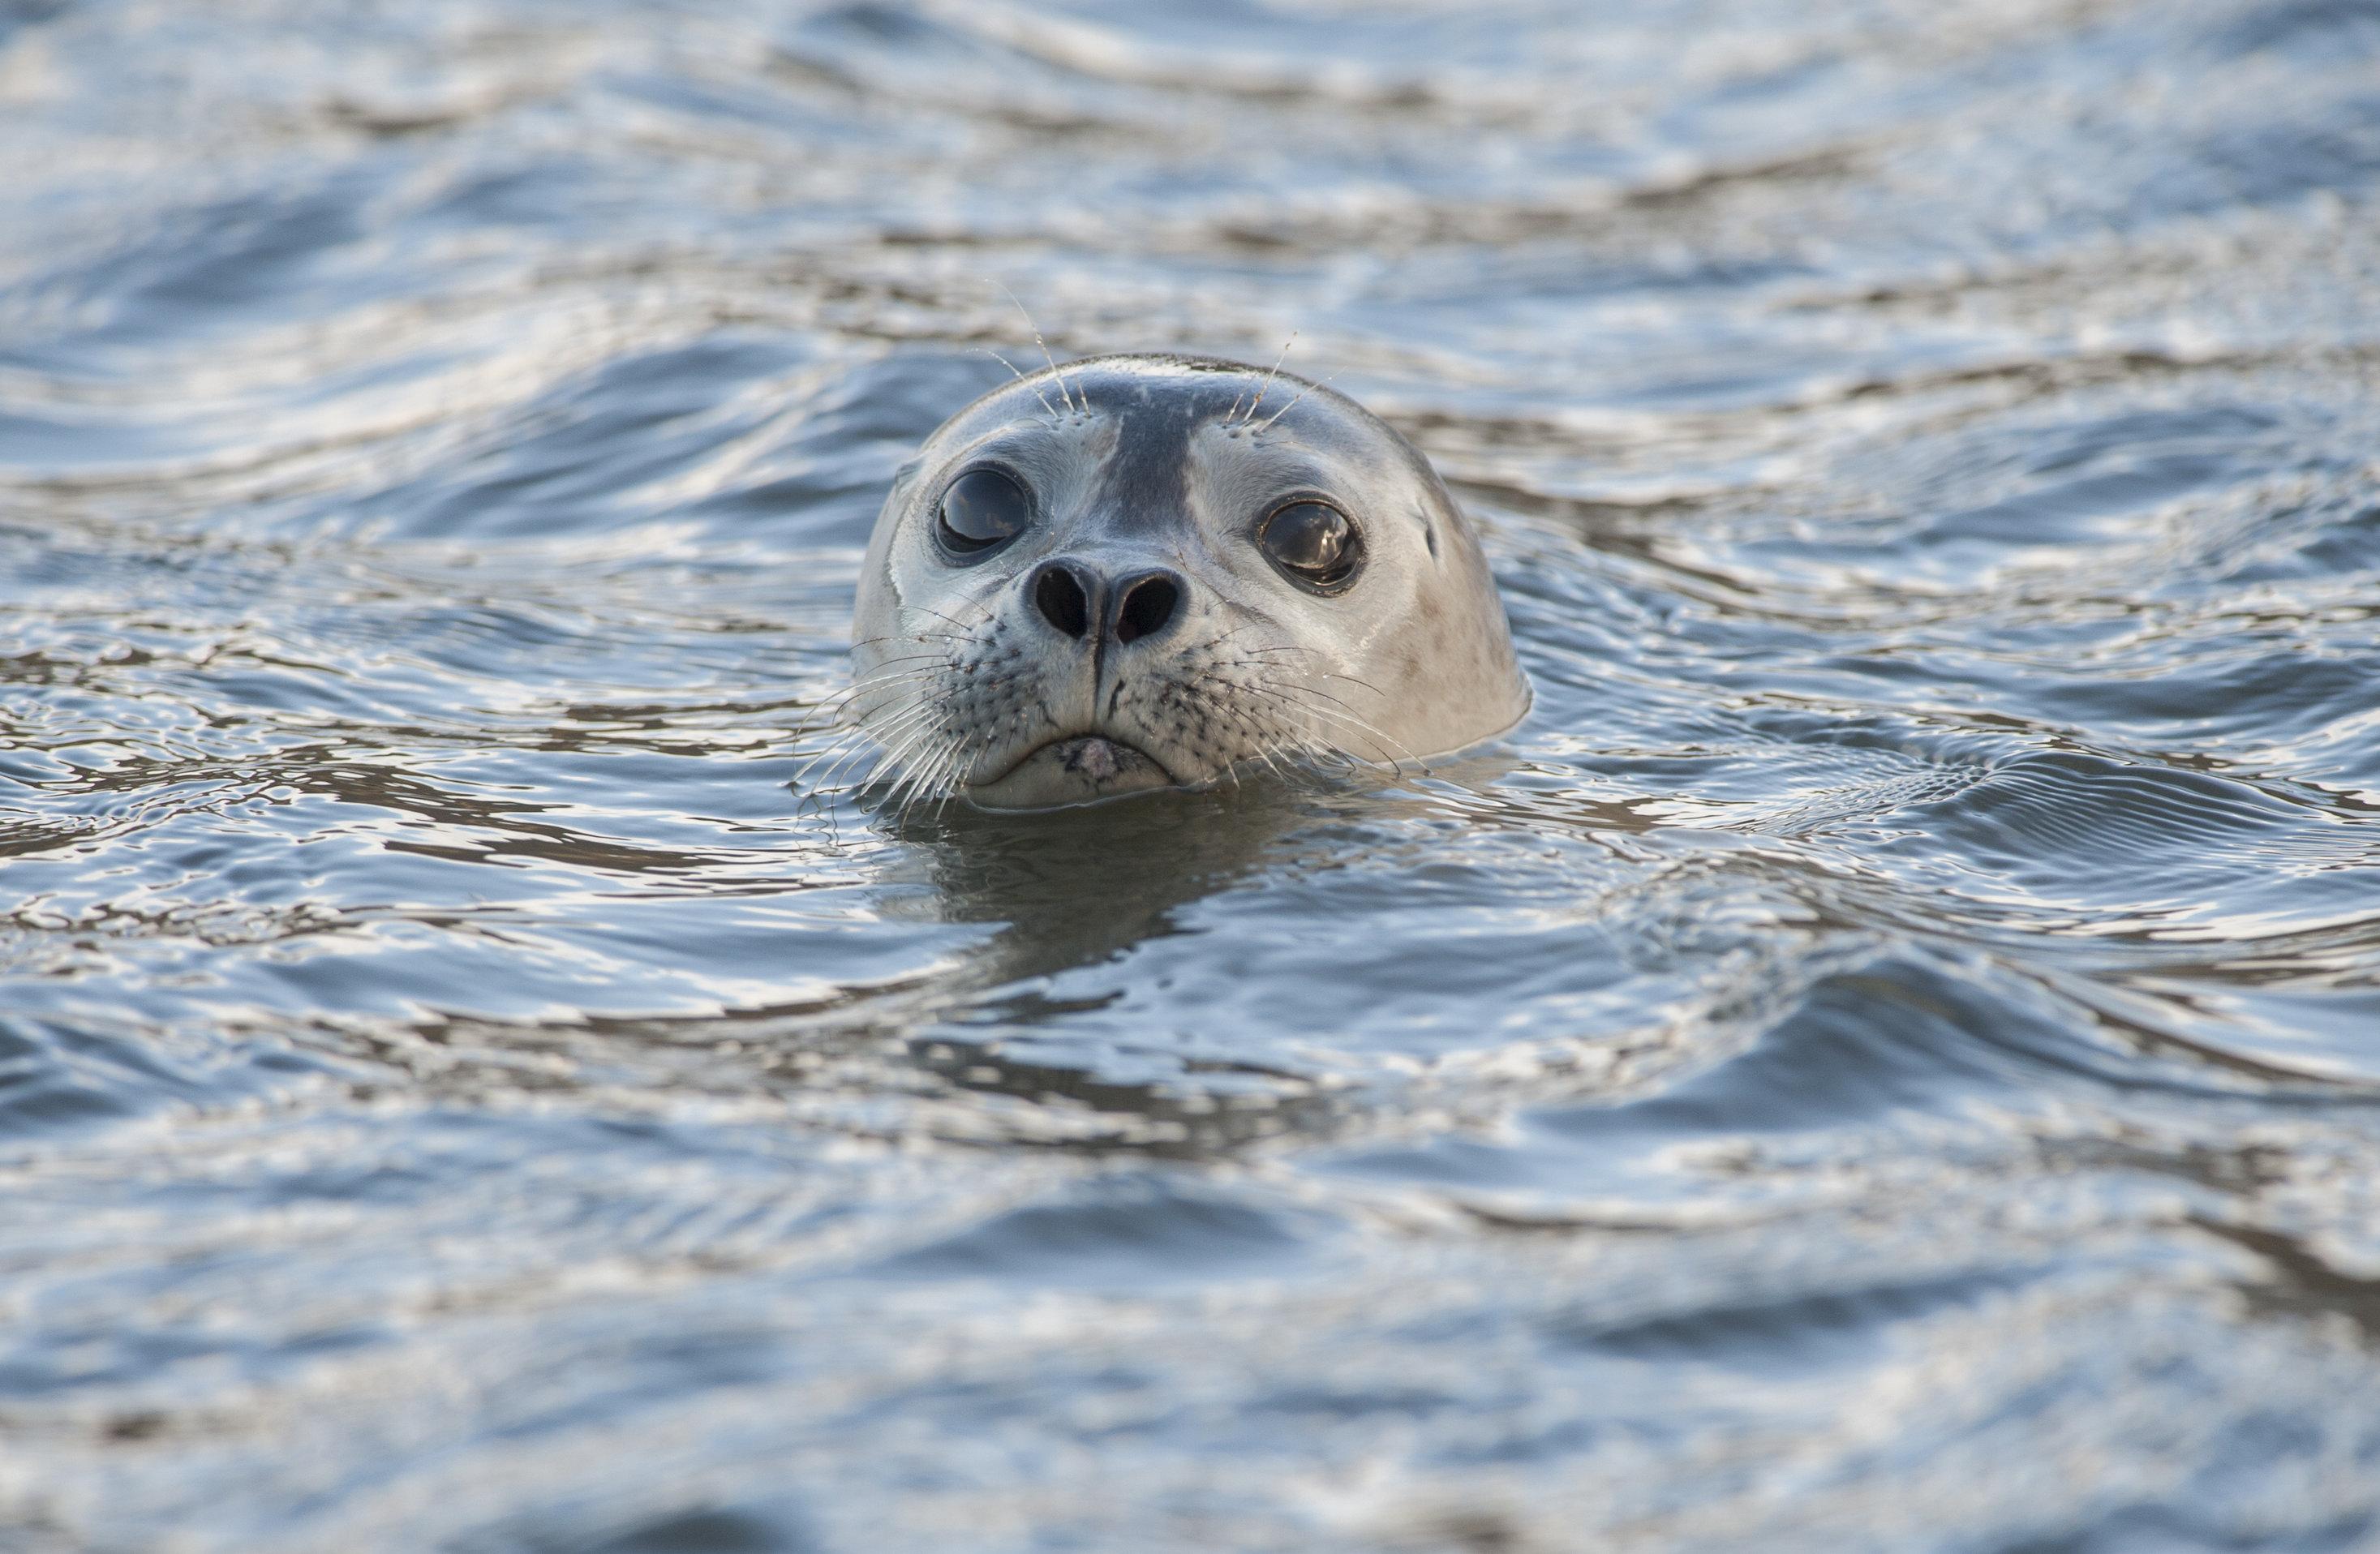 스나이펠스네스 반도의 이트리툰가 해안가에서 노니는 물개를 찾아보세요.